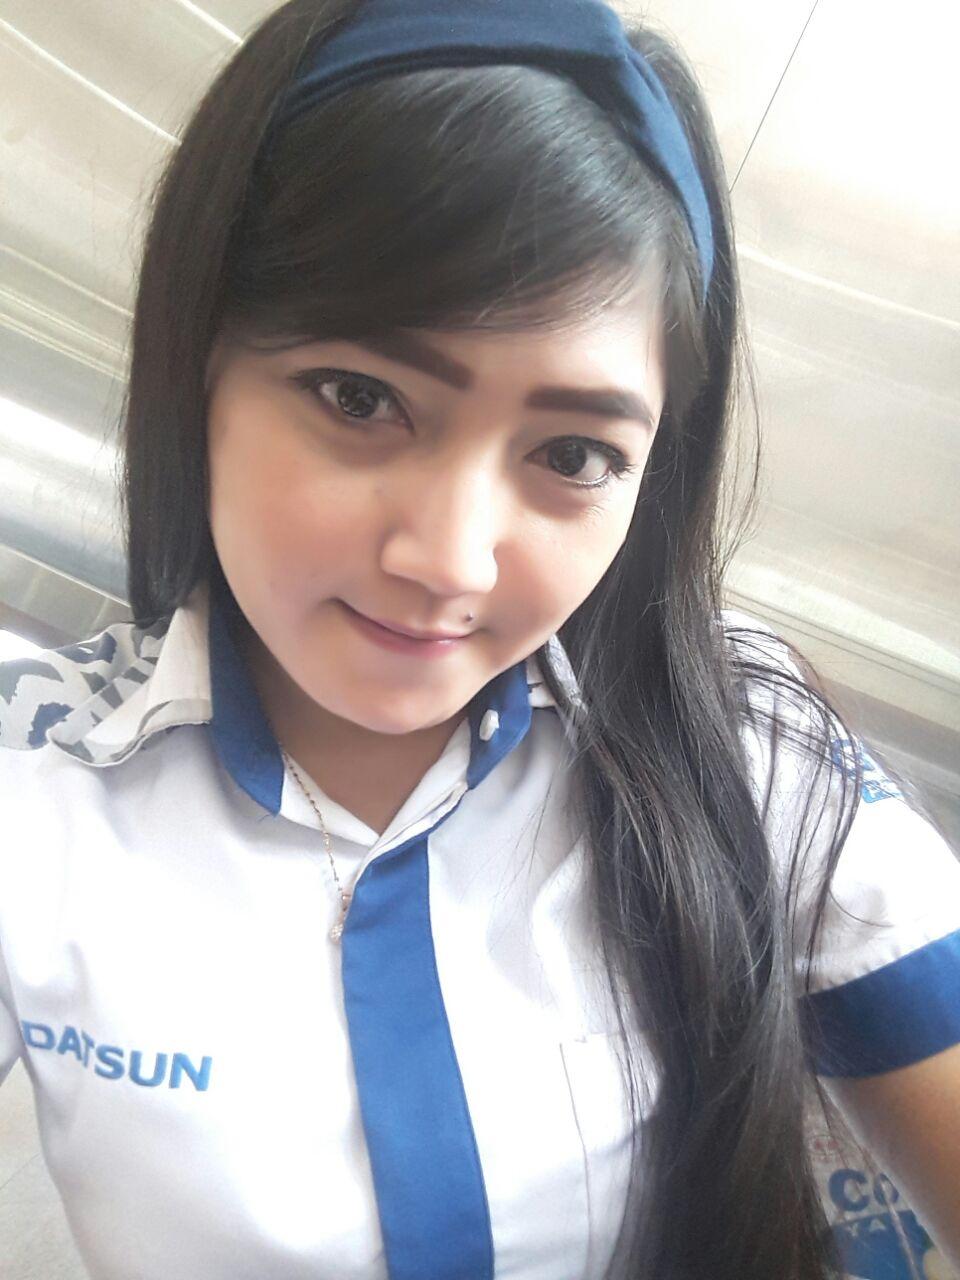 Datsun Ponorogo